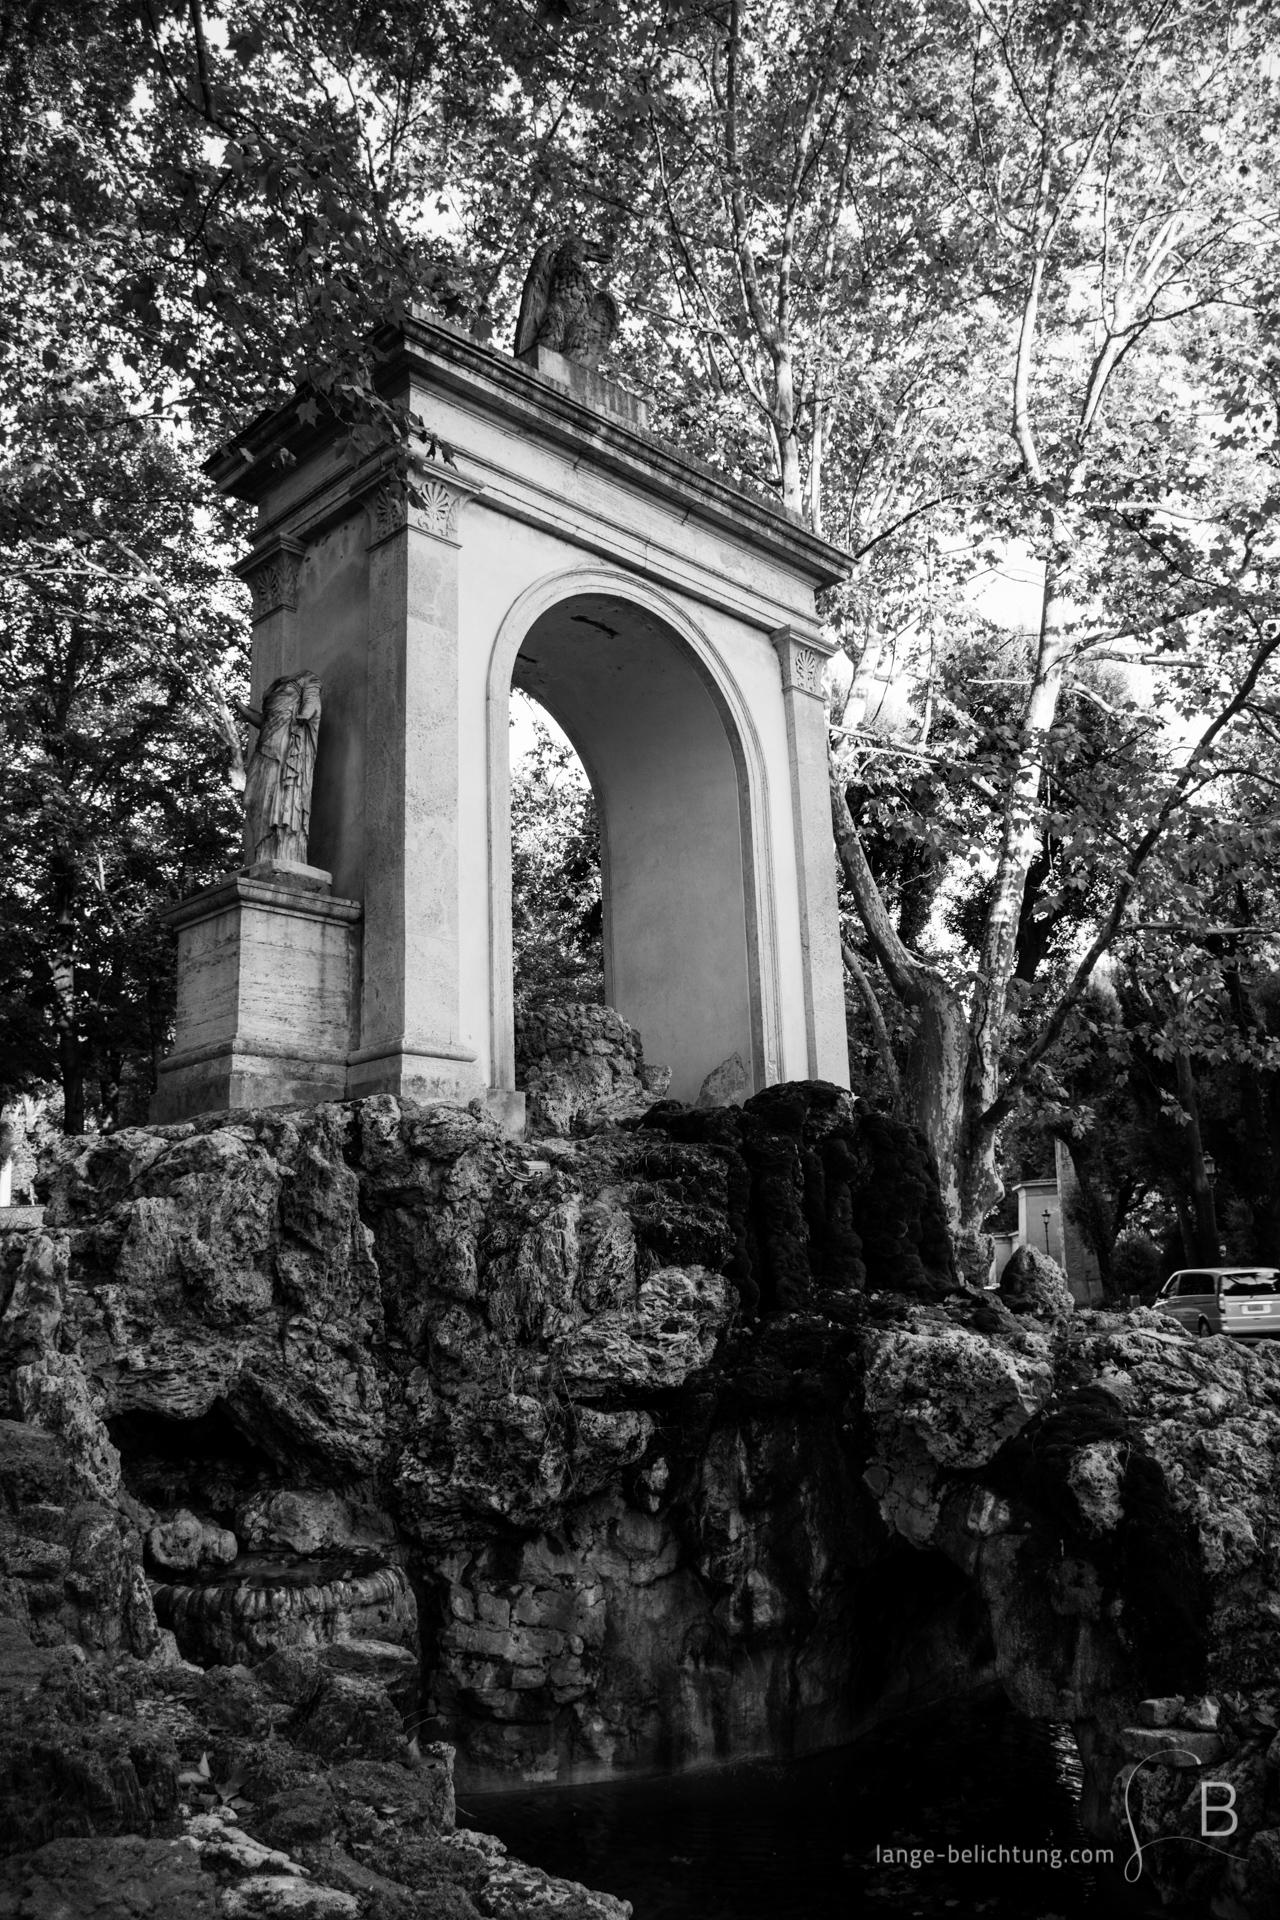 Abgebildet ist ein Brunnen in Rom nahe der Villa Borghese zwischen herbstlichen Laubbäumen. Das Bild in schwarzweiß zeigt die Fontana di Esculapio.